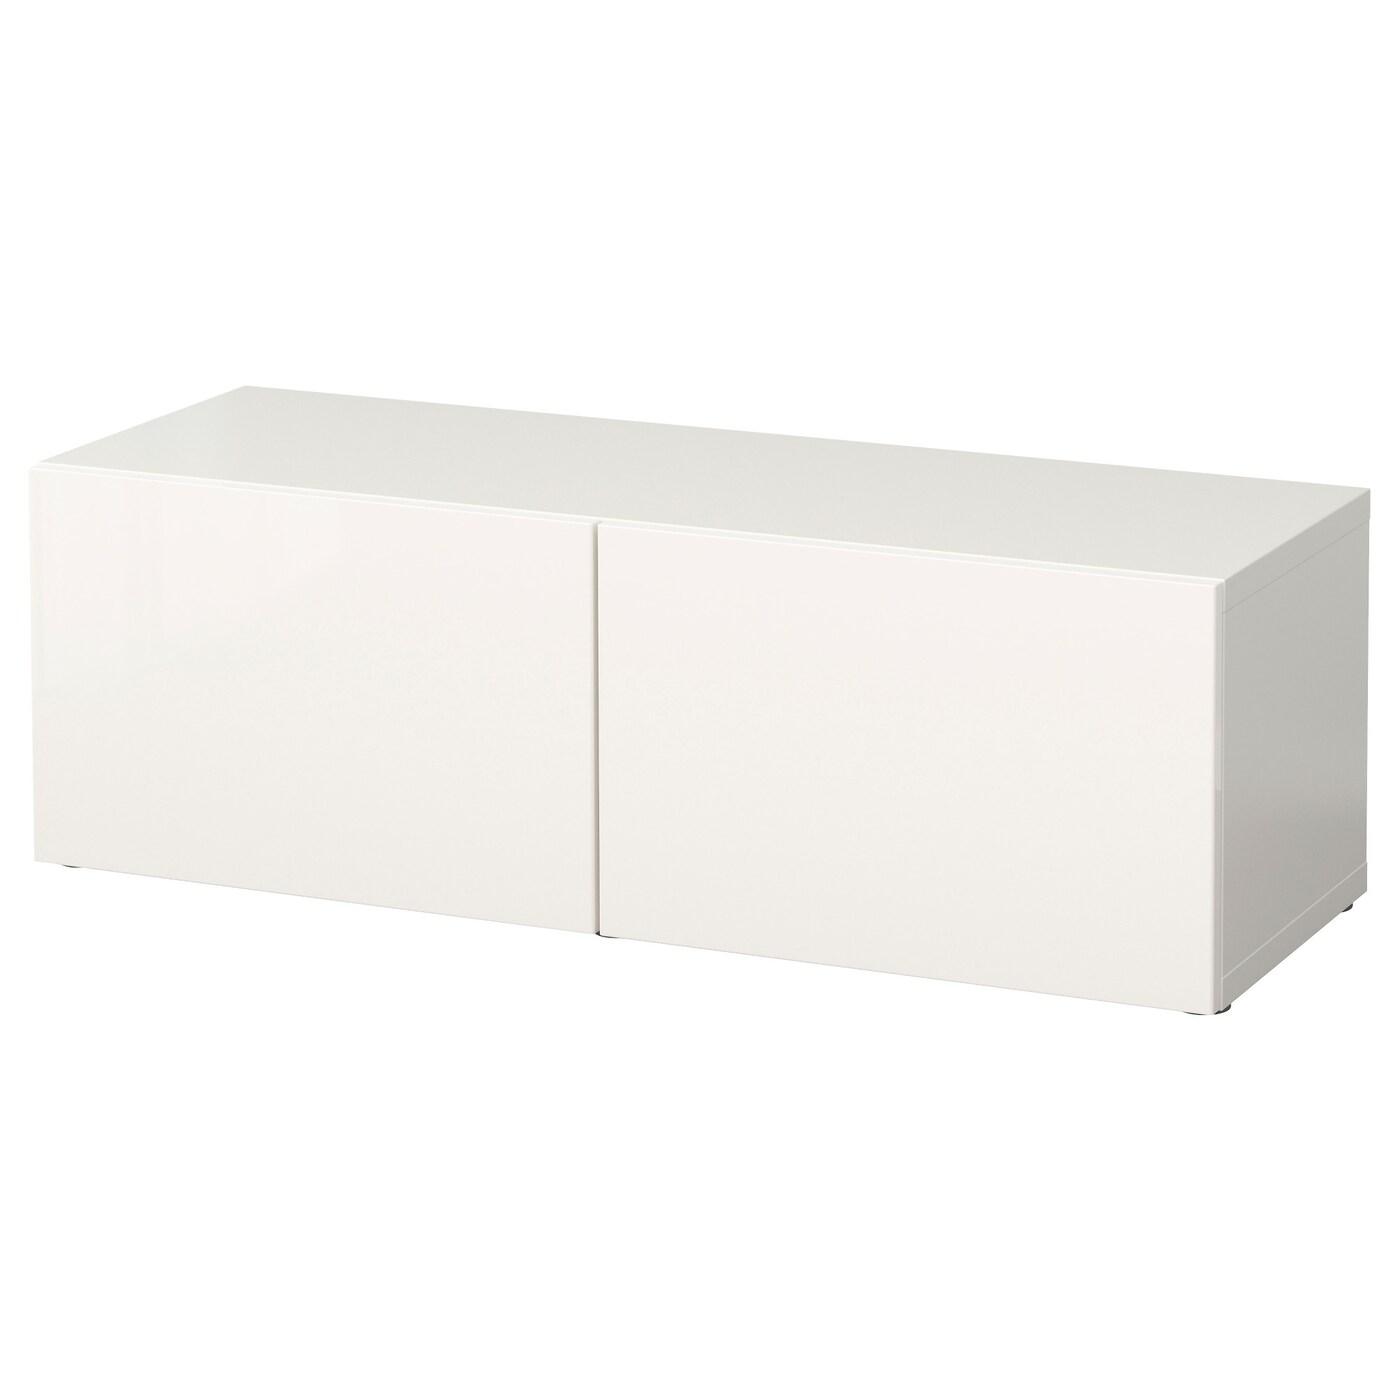 IKEA BESTÅ biała szafka z parą białych drzwiczkami SELSVIKEN o wysokim połysku, 120x40x38 cm